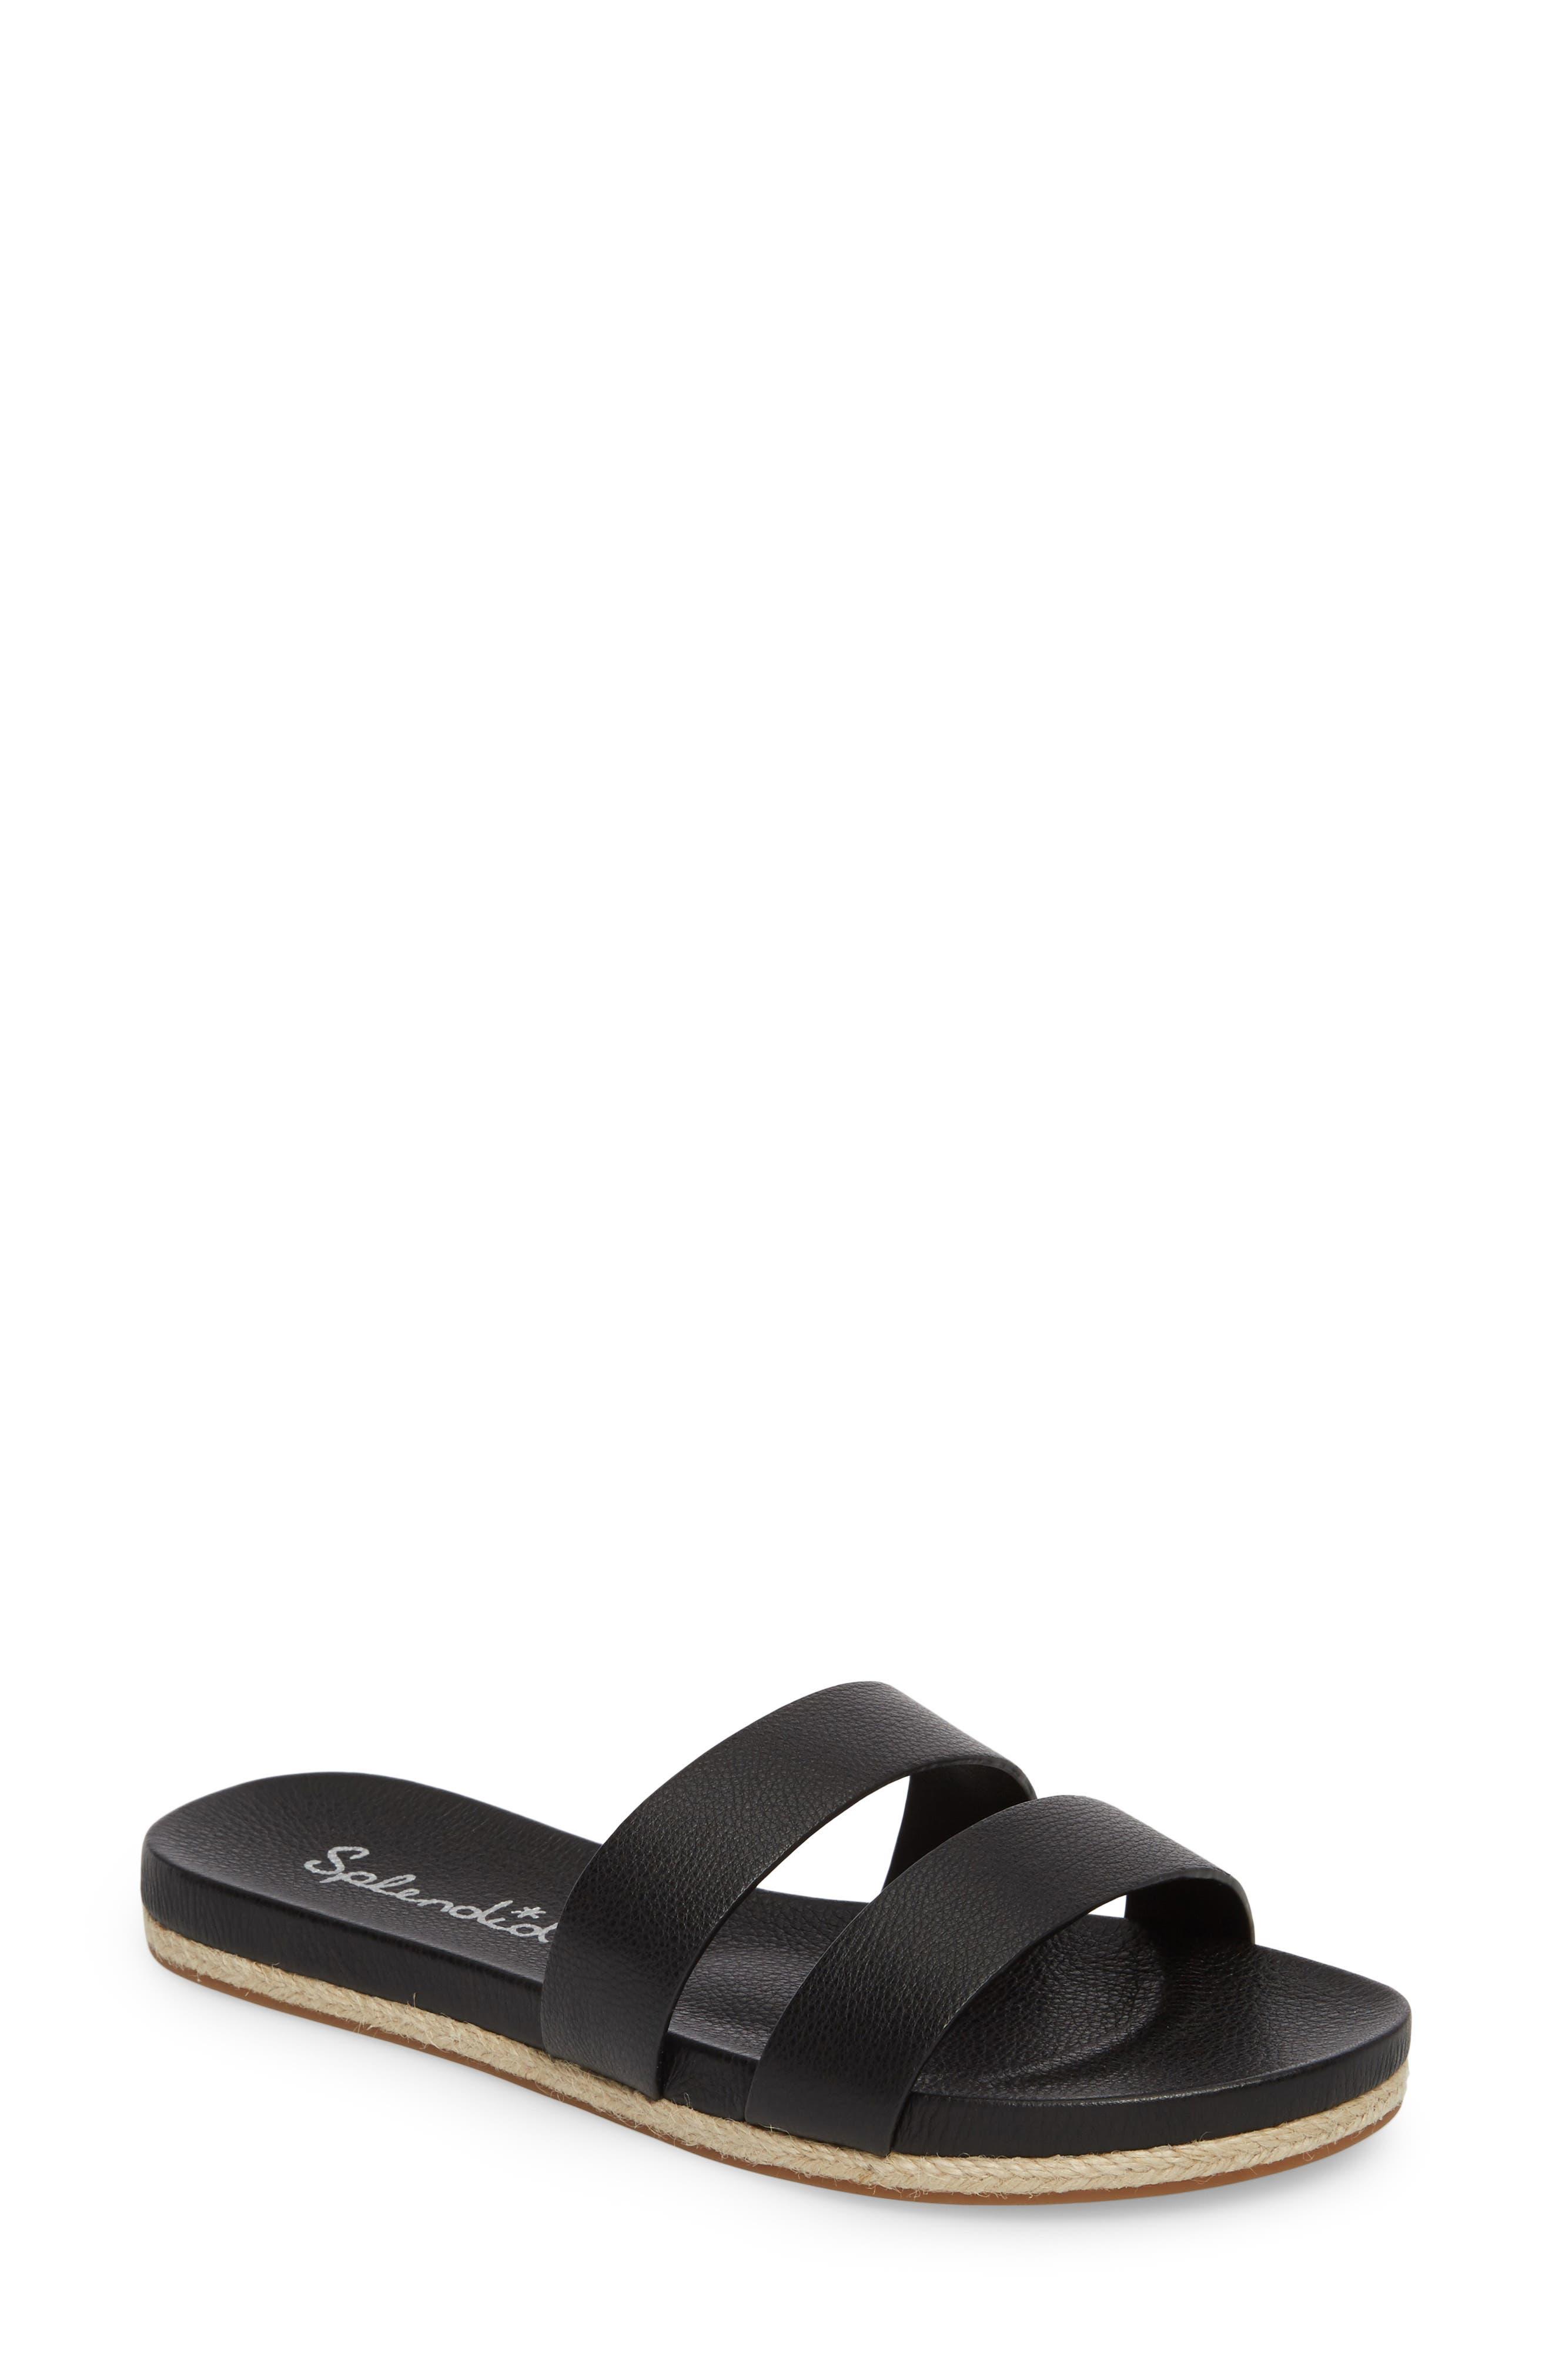 Brittani Slide Sandal,                             Main thumbnail 1, color,                             002